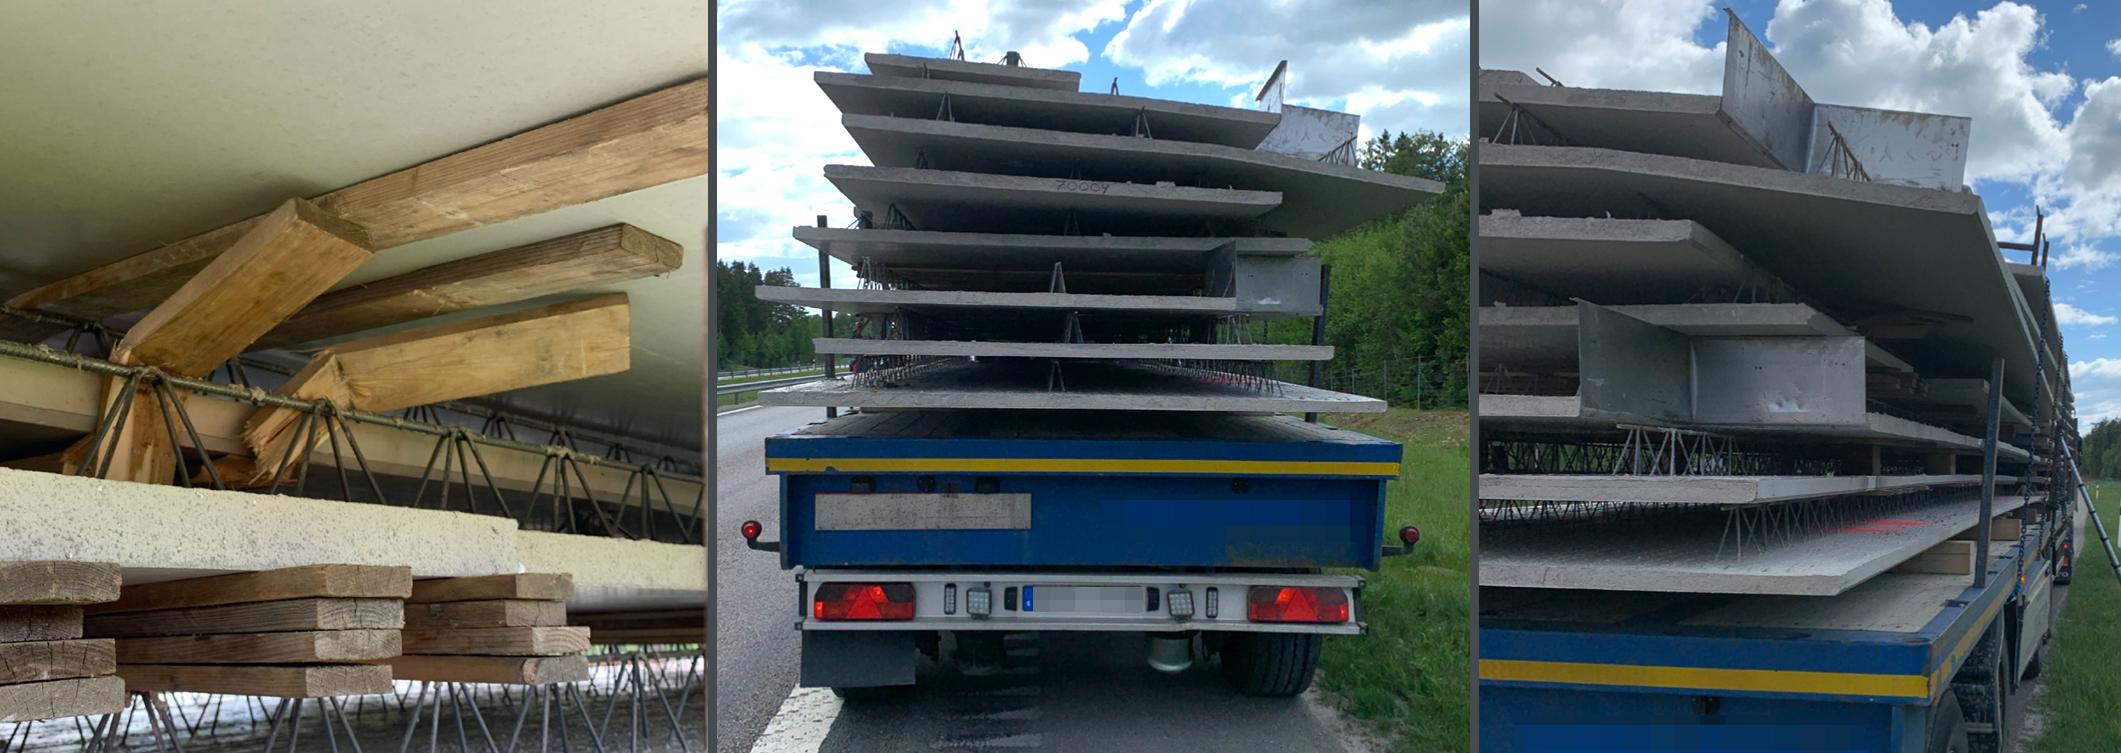 Ett svenskt ekipage med lastförskjutning leder till rapport för vårdslöshet i trafik.